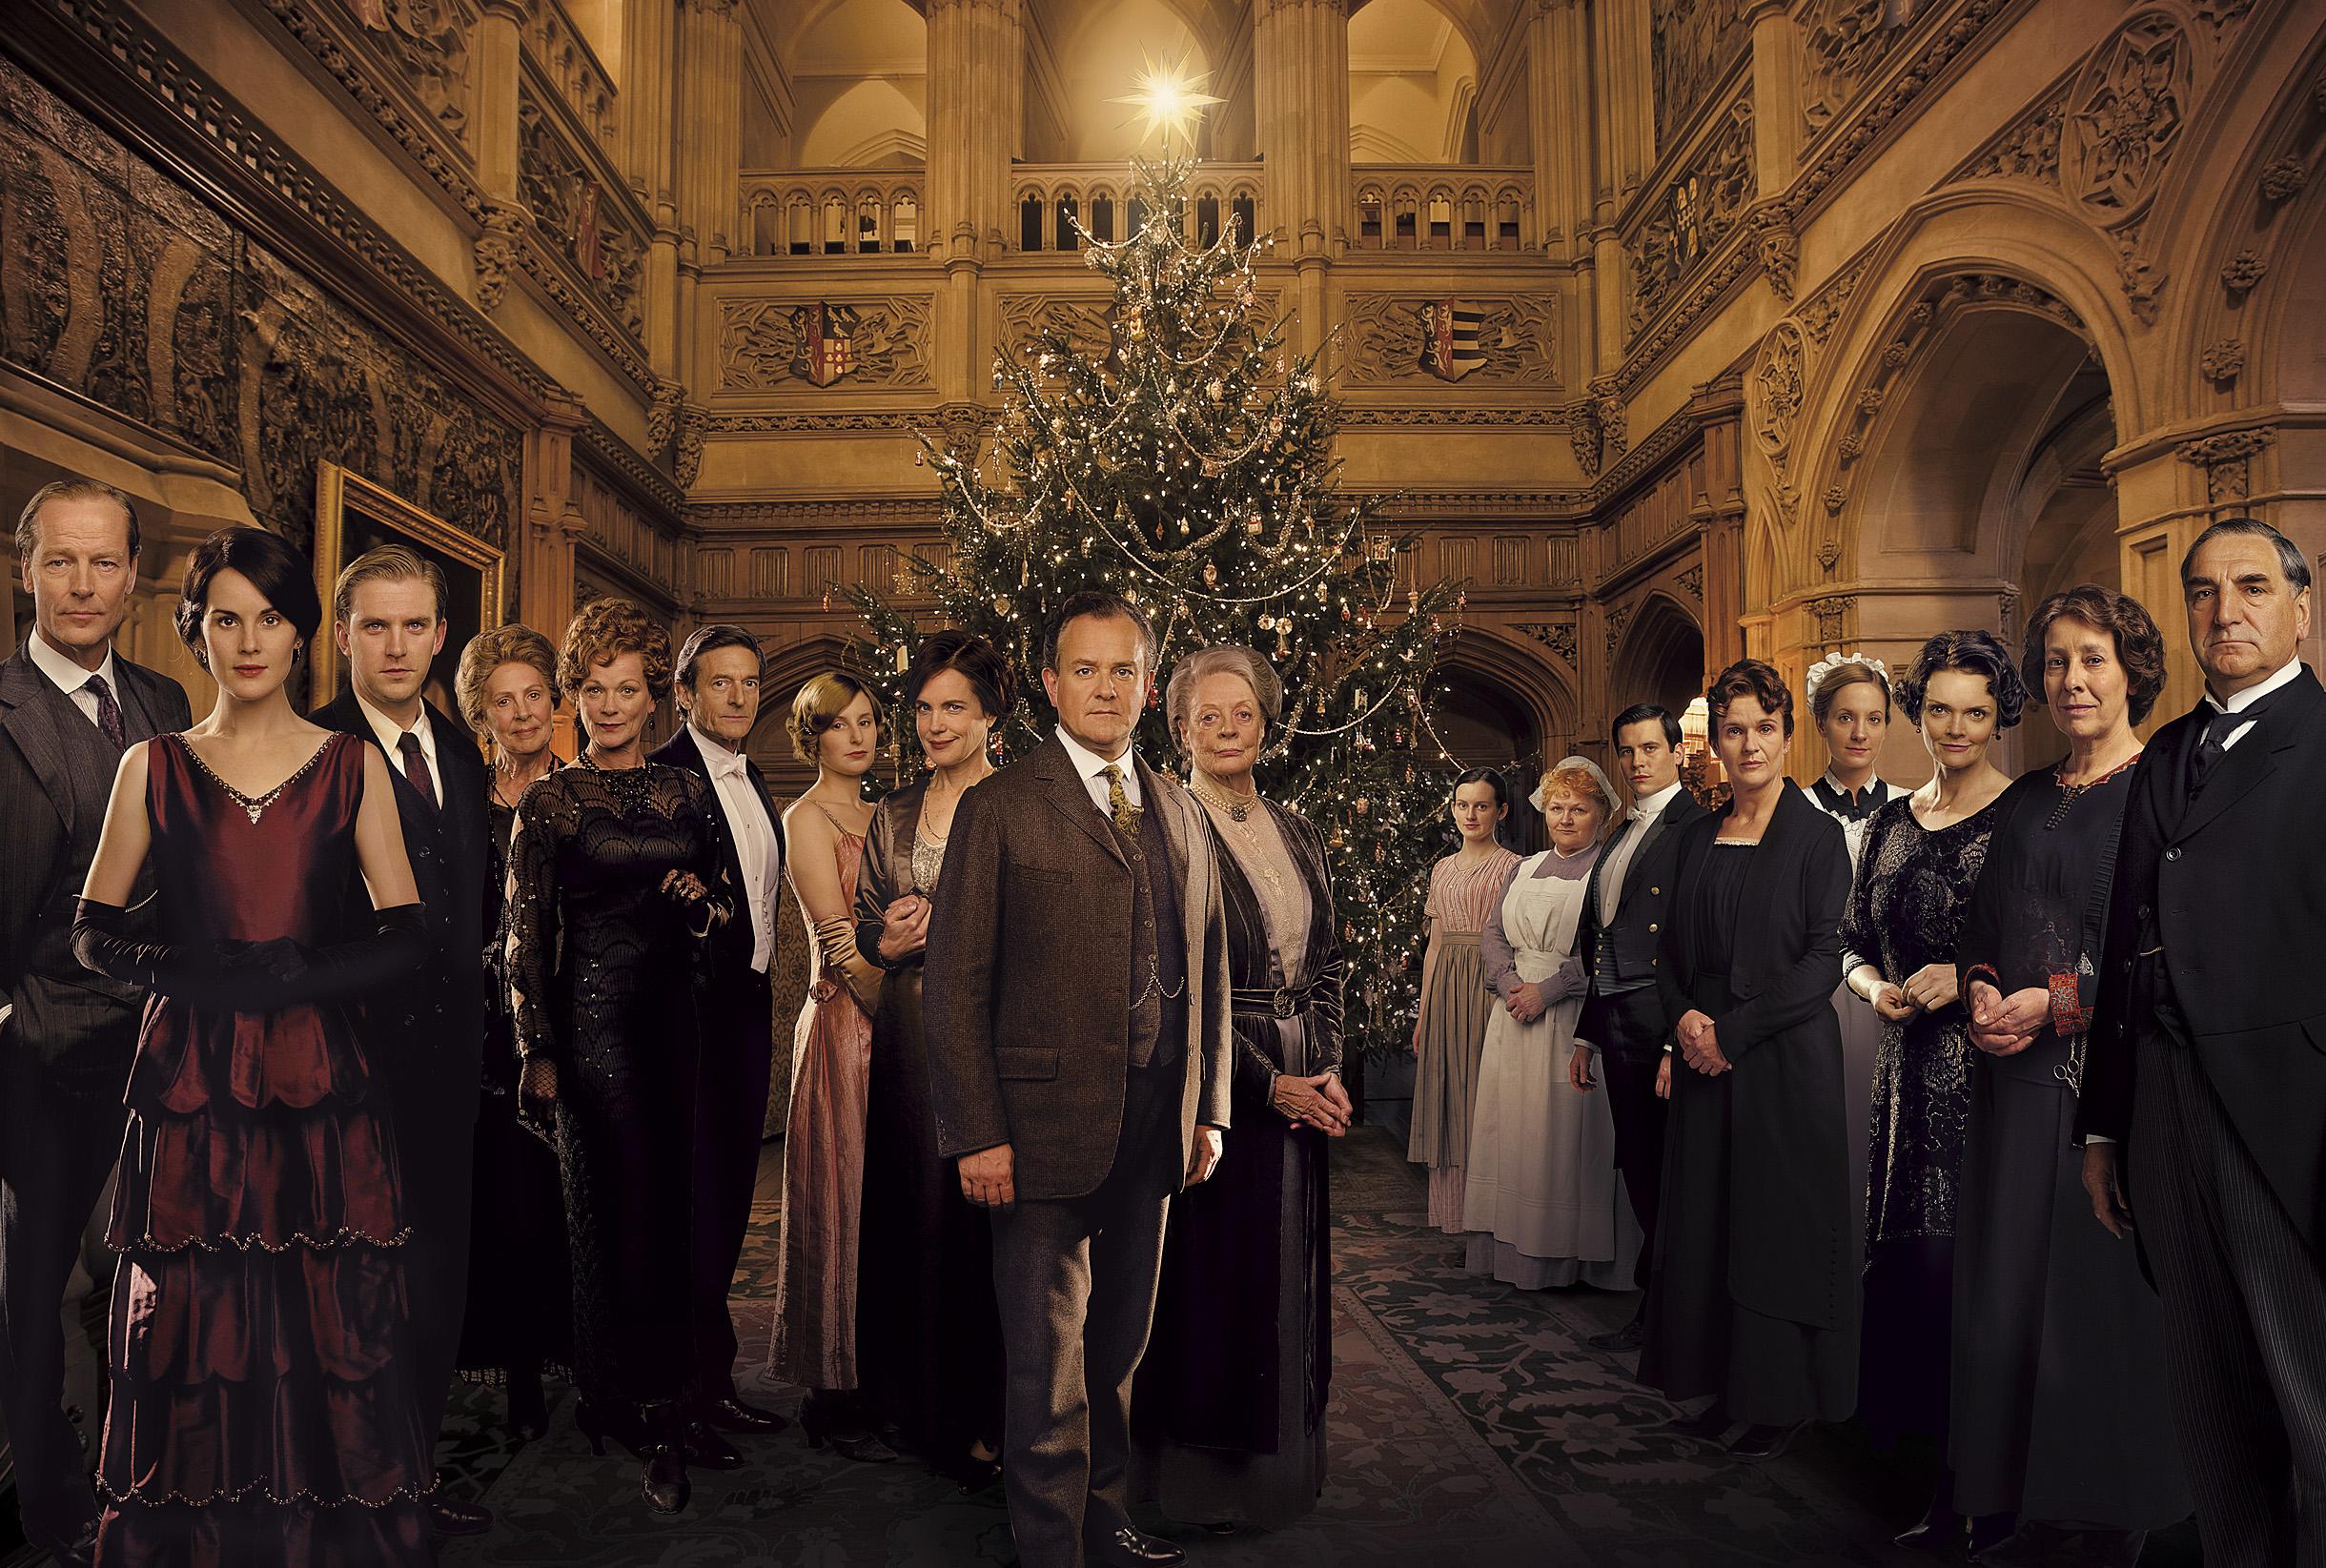 Christmas at Downton Abbey | britishaisles